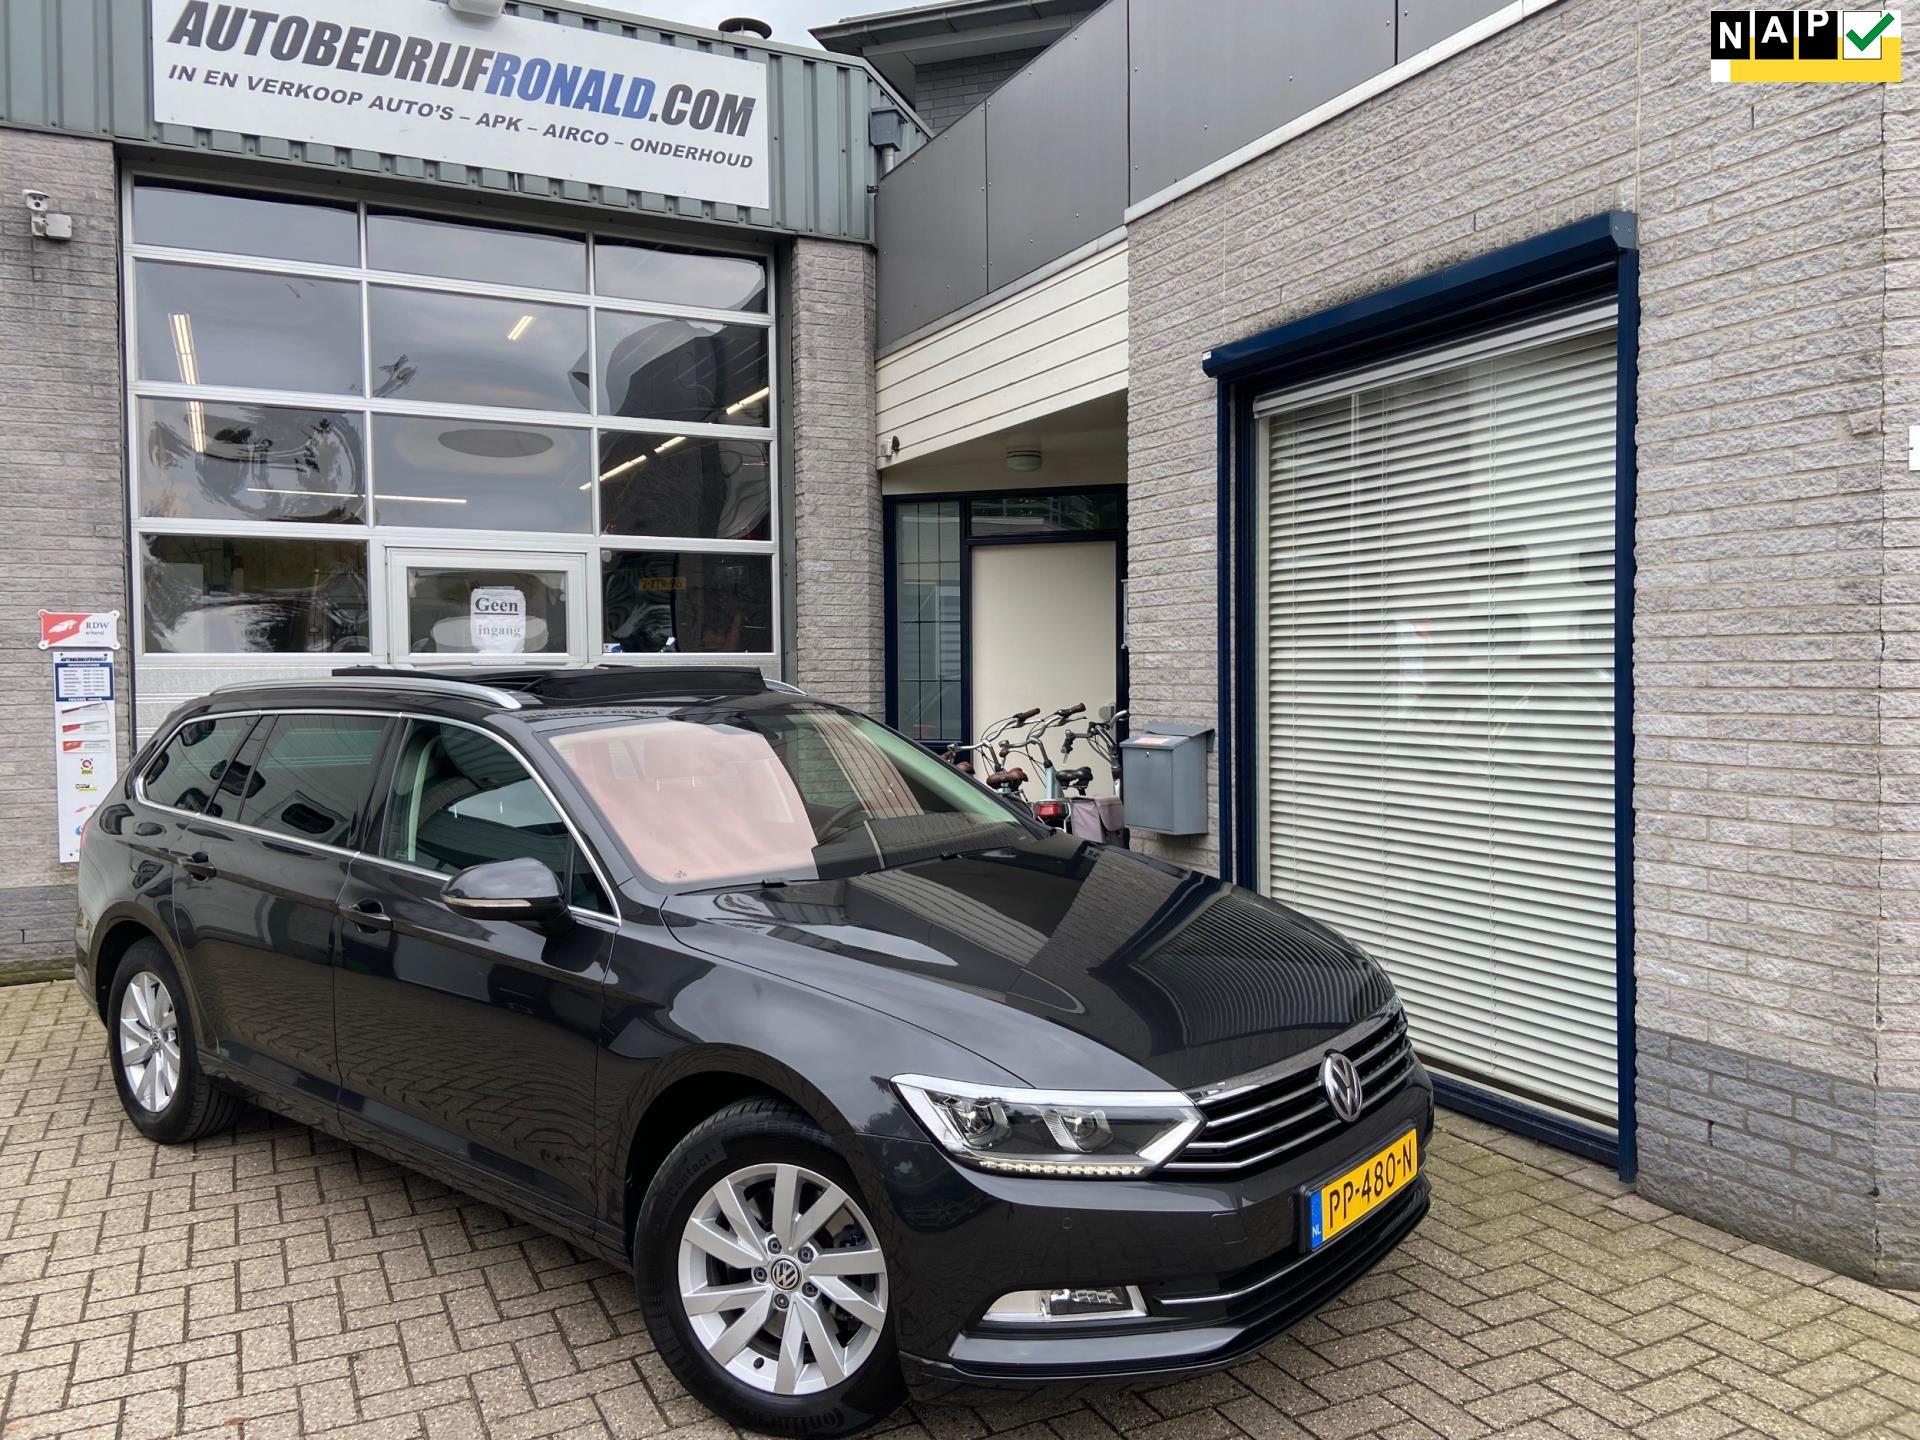 Volkswagen Passat Variant occasion - Autobedrijf Ronald